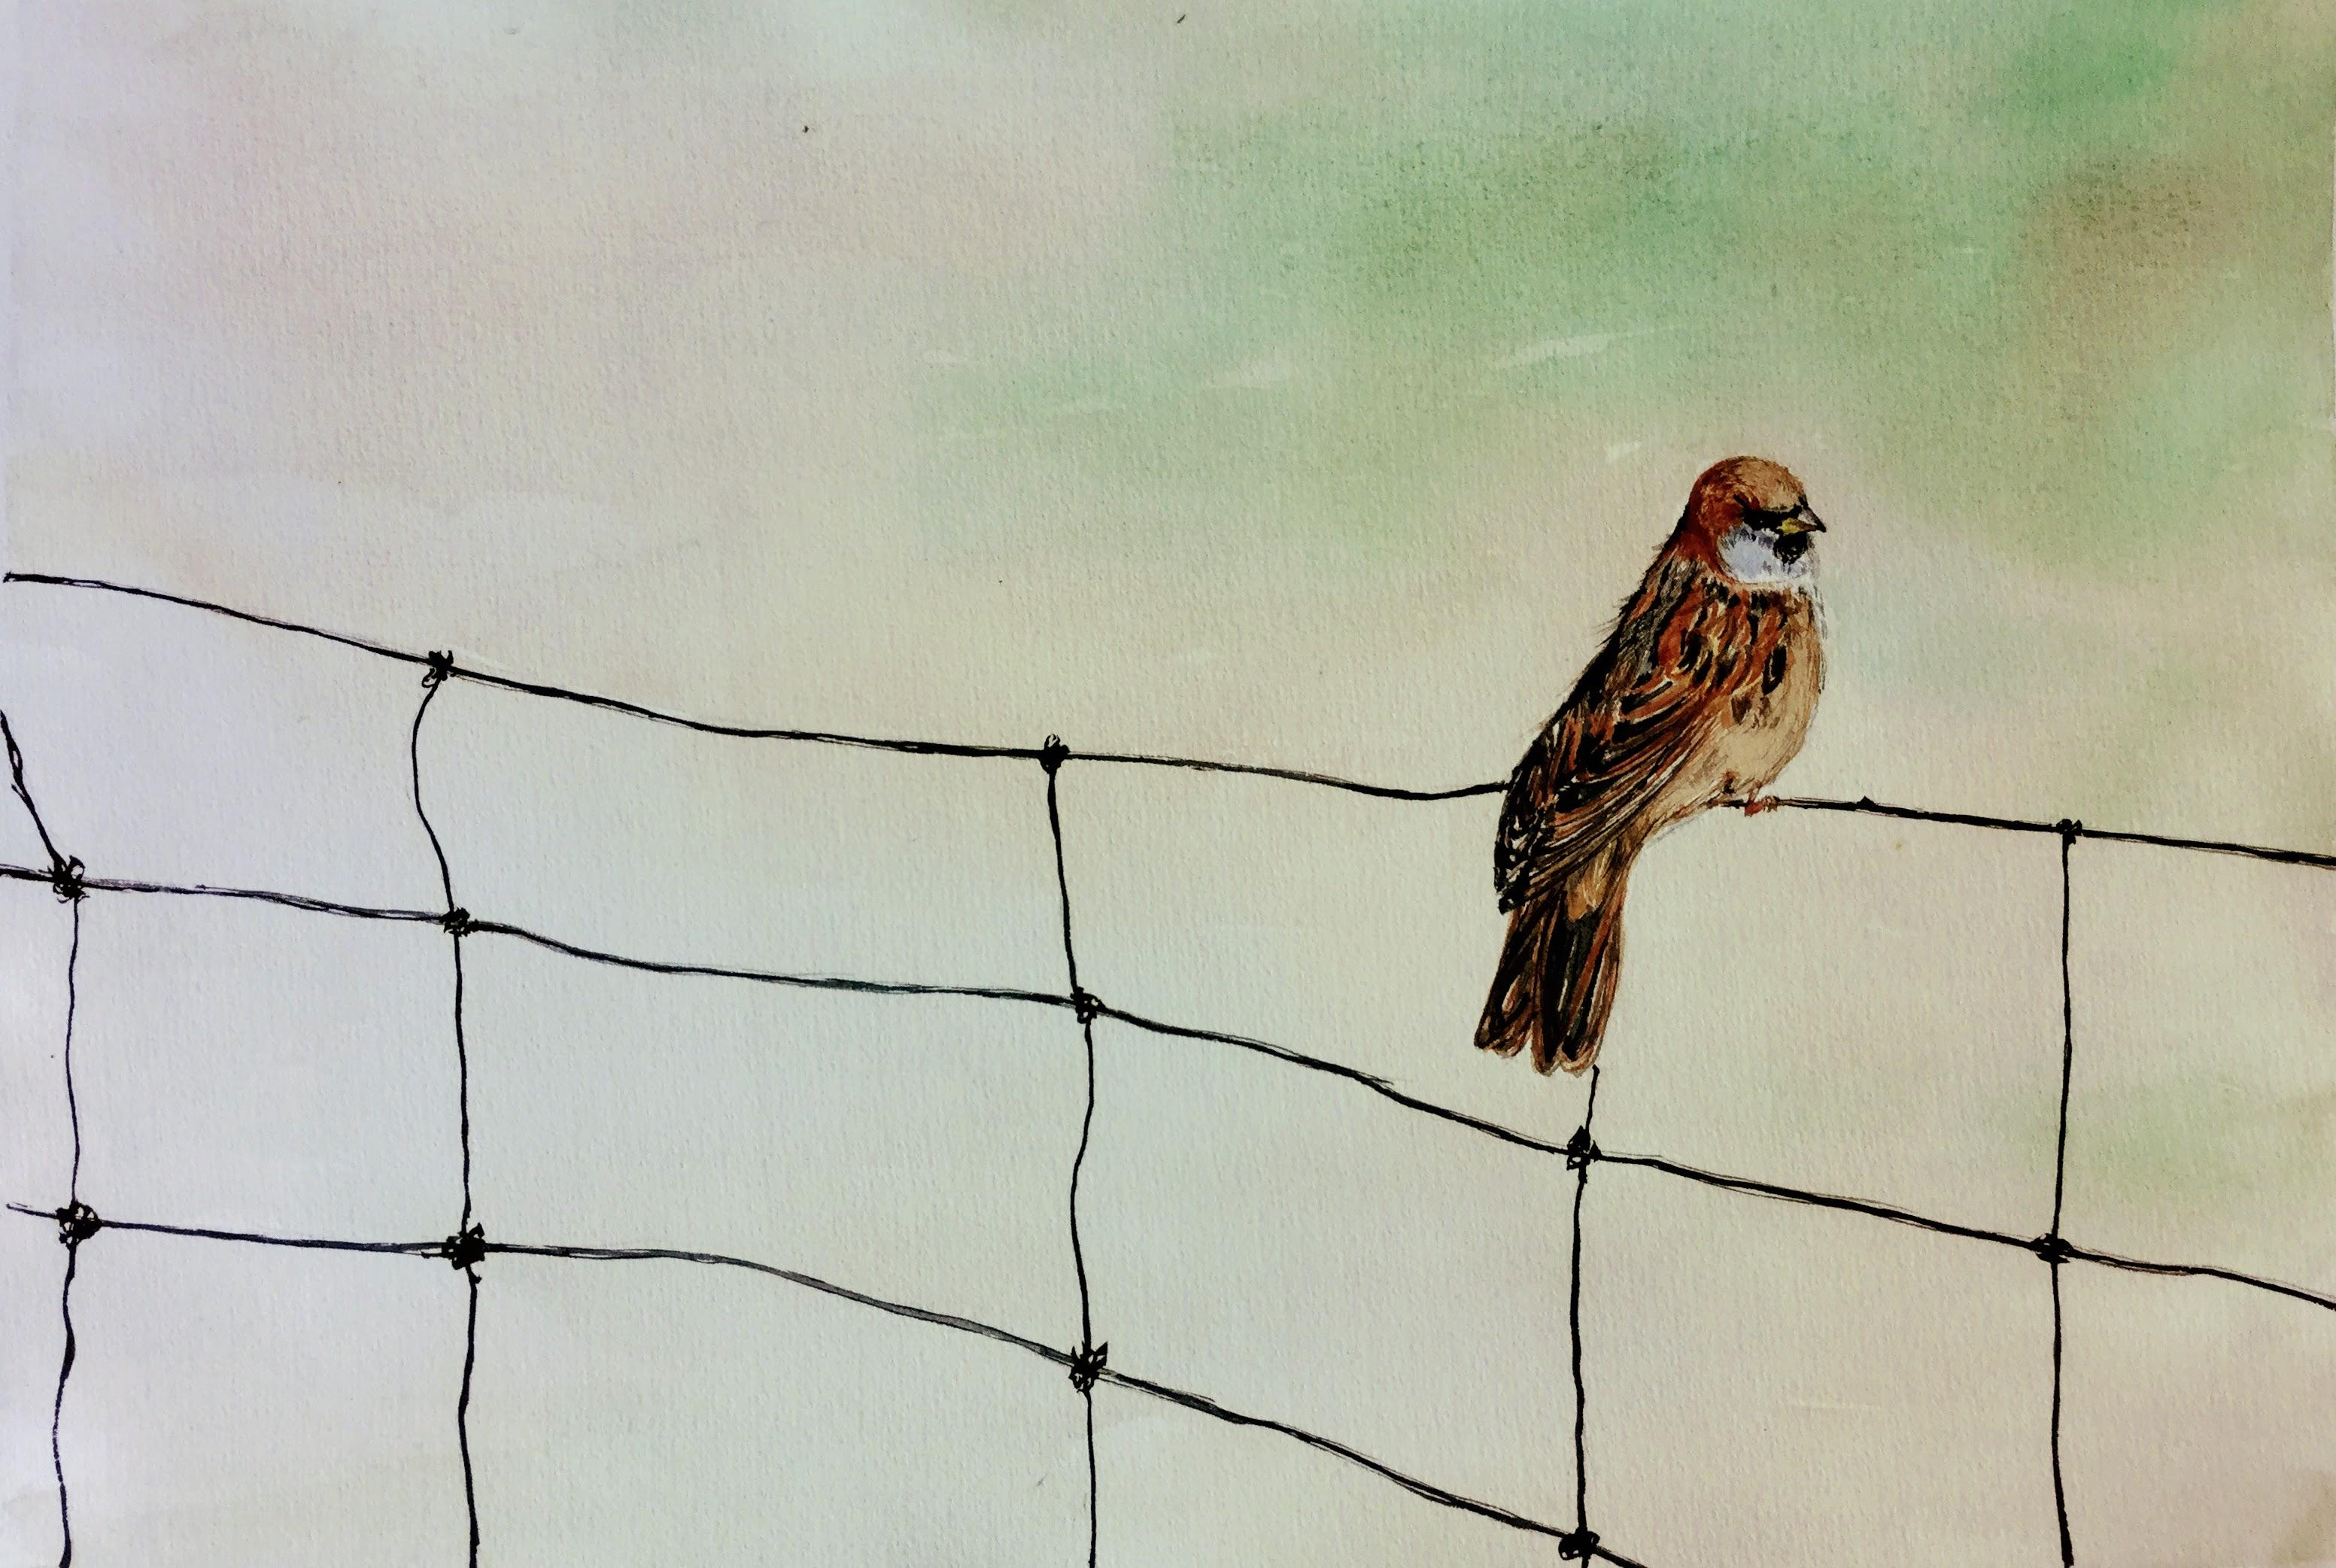 Alone but High Head - Sparrow